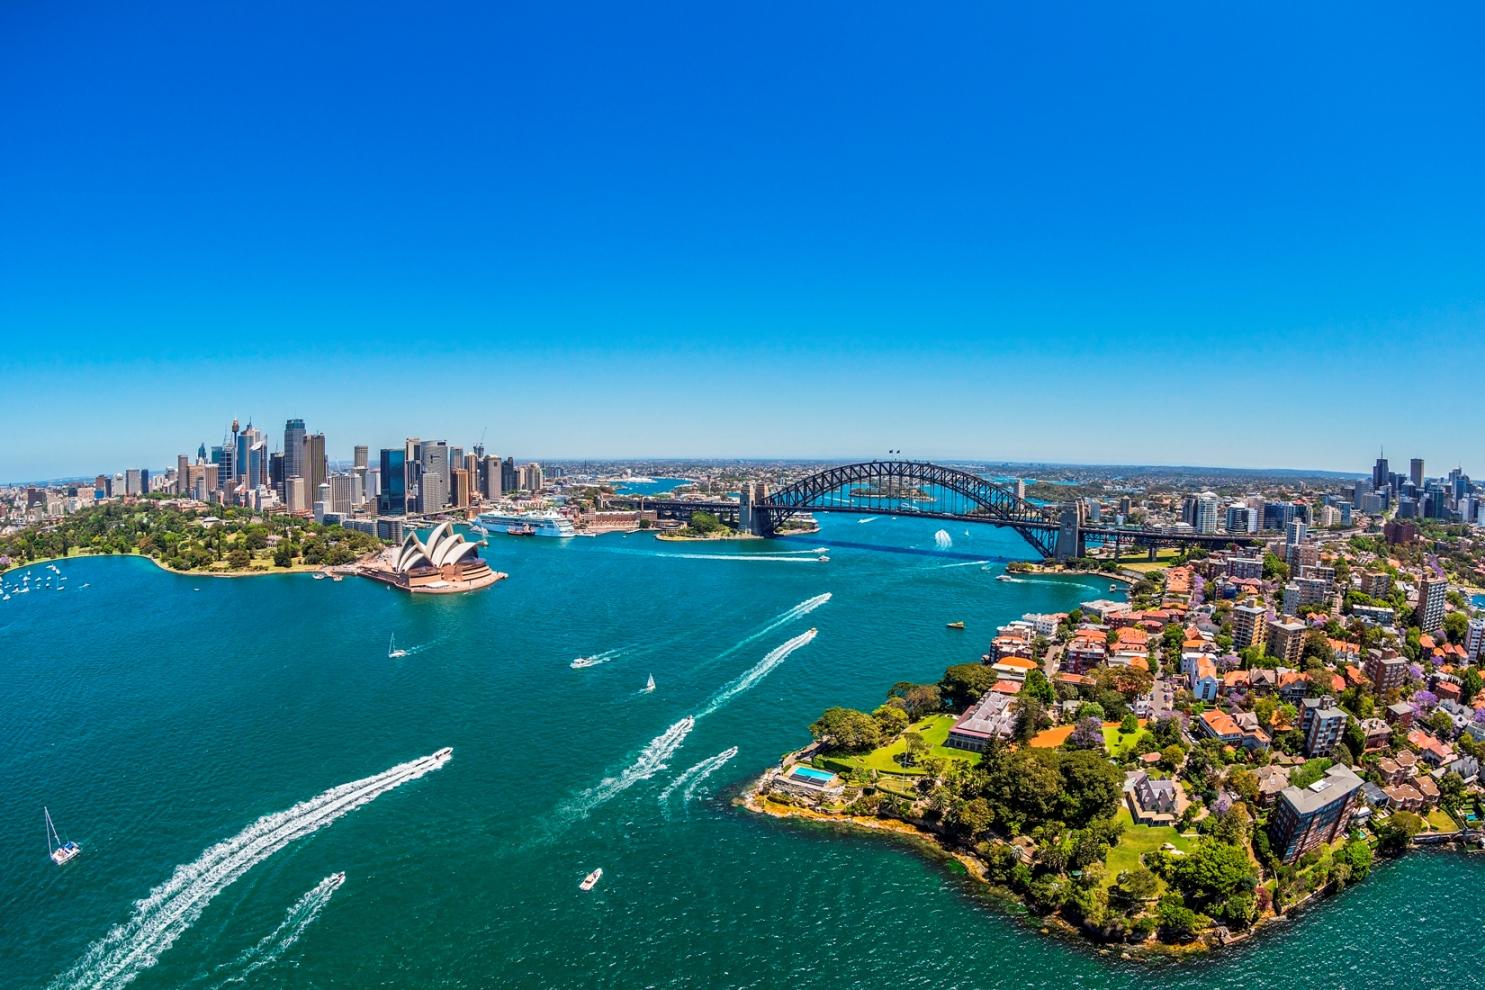 Tour du lịch Úc - Sydney 5 ngày 4 đêm